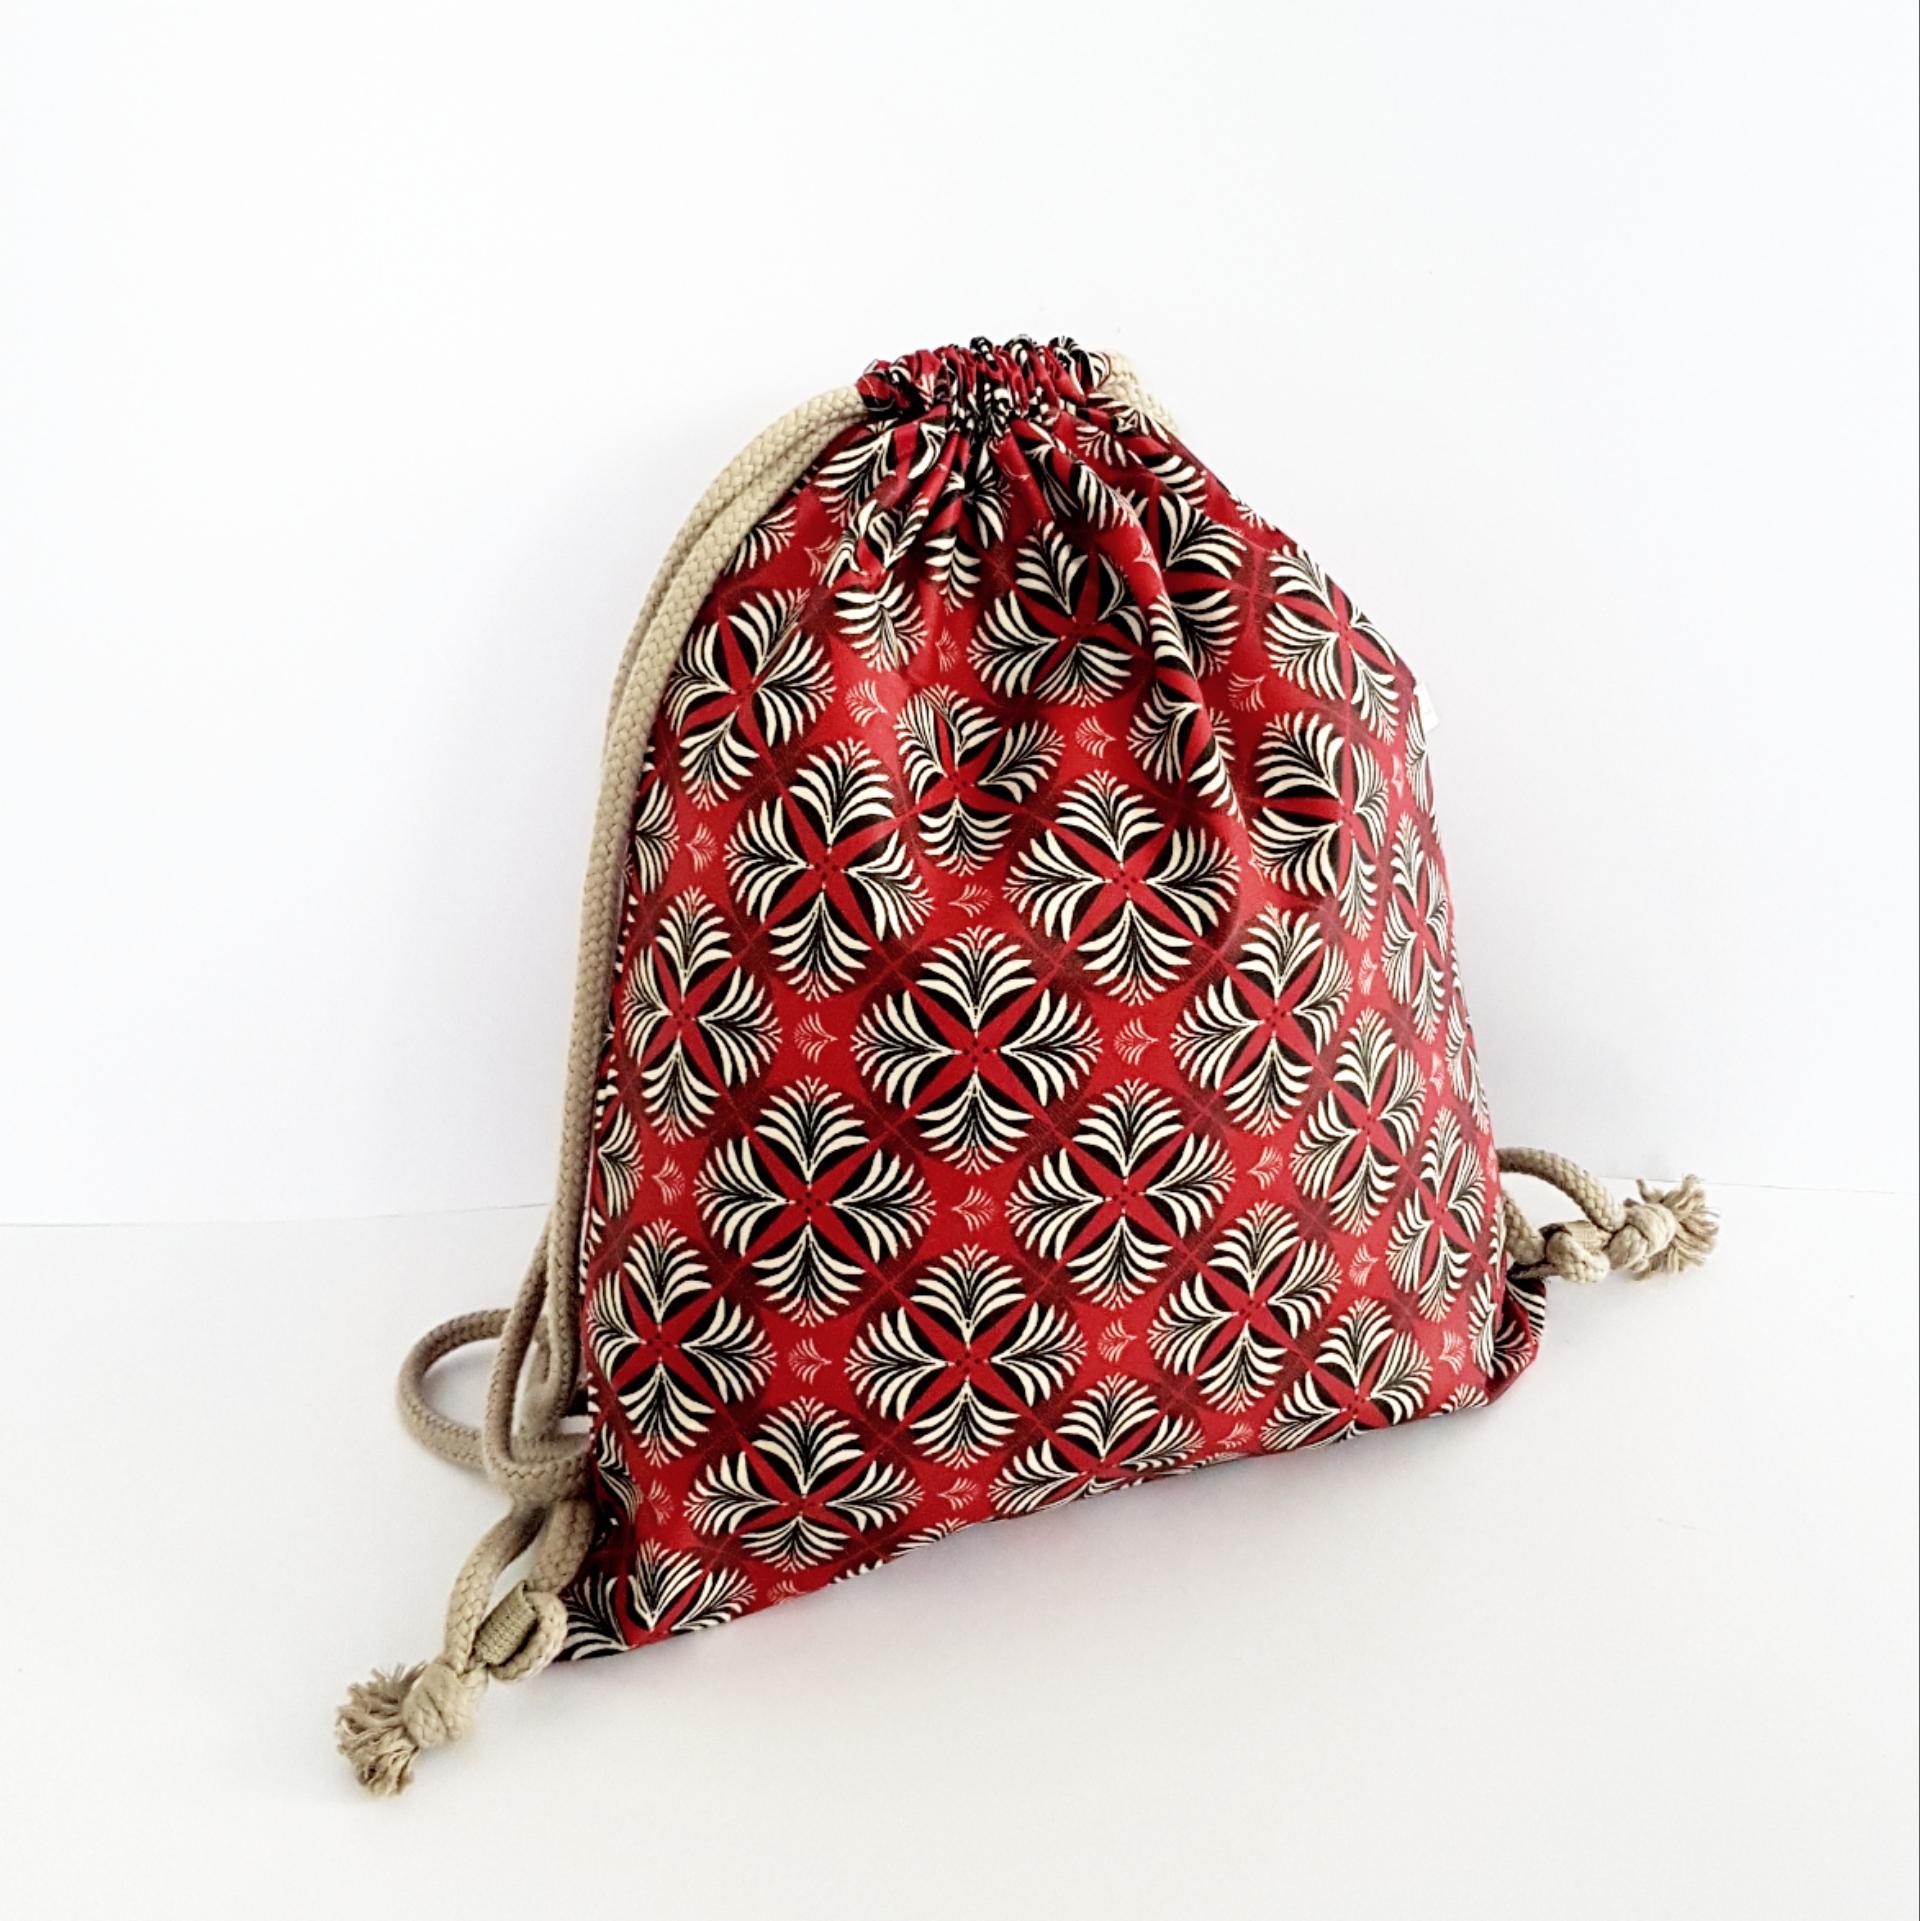 Rucki Zucki, Symmetie rot-beige-schwarz, verkauft